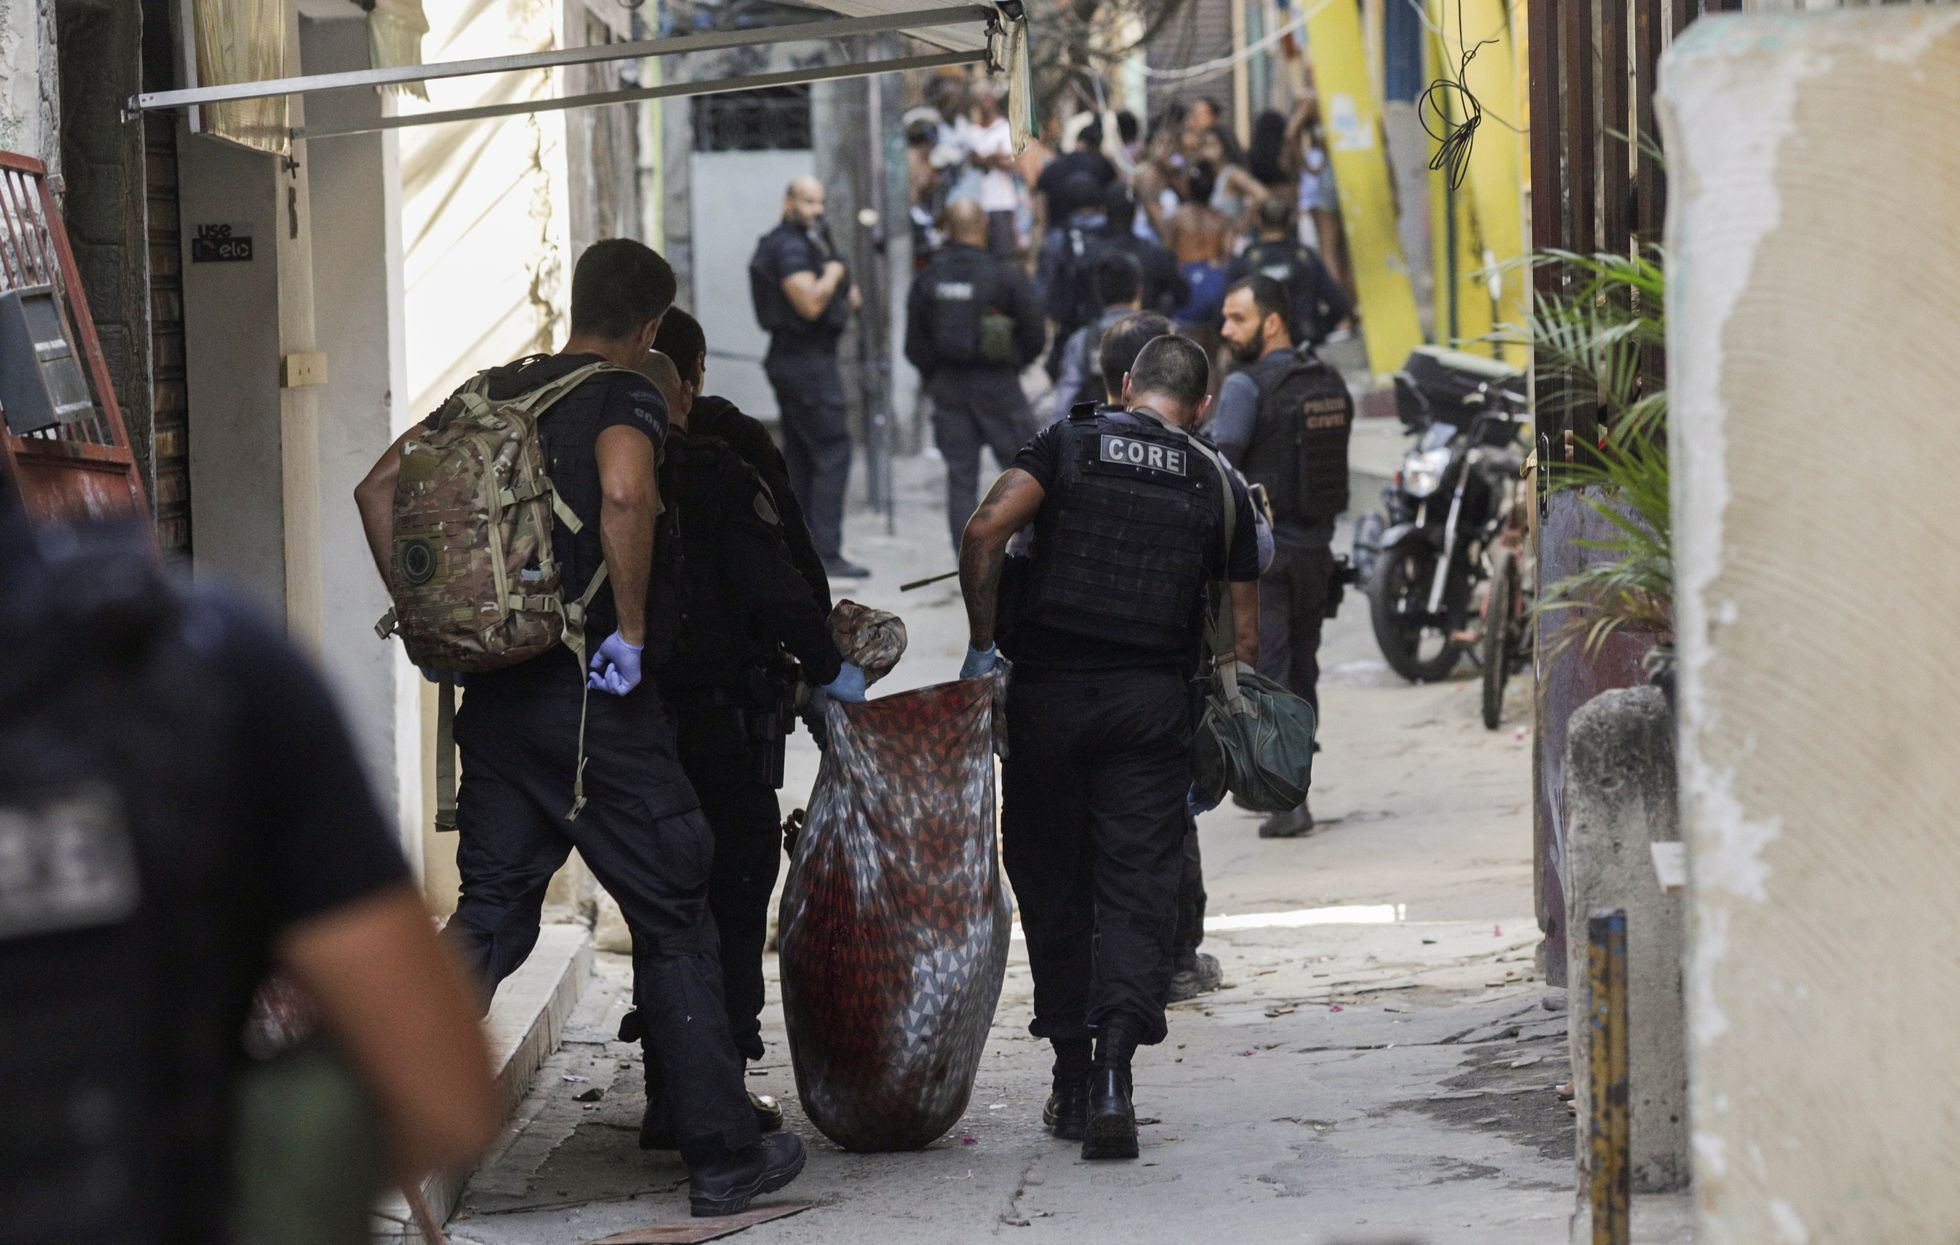 Operação policial mata 25 pessoas no Jacarezinho, em segunda maior chacina da história do Rio   Atualidade   EL PAÍS Brasil